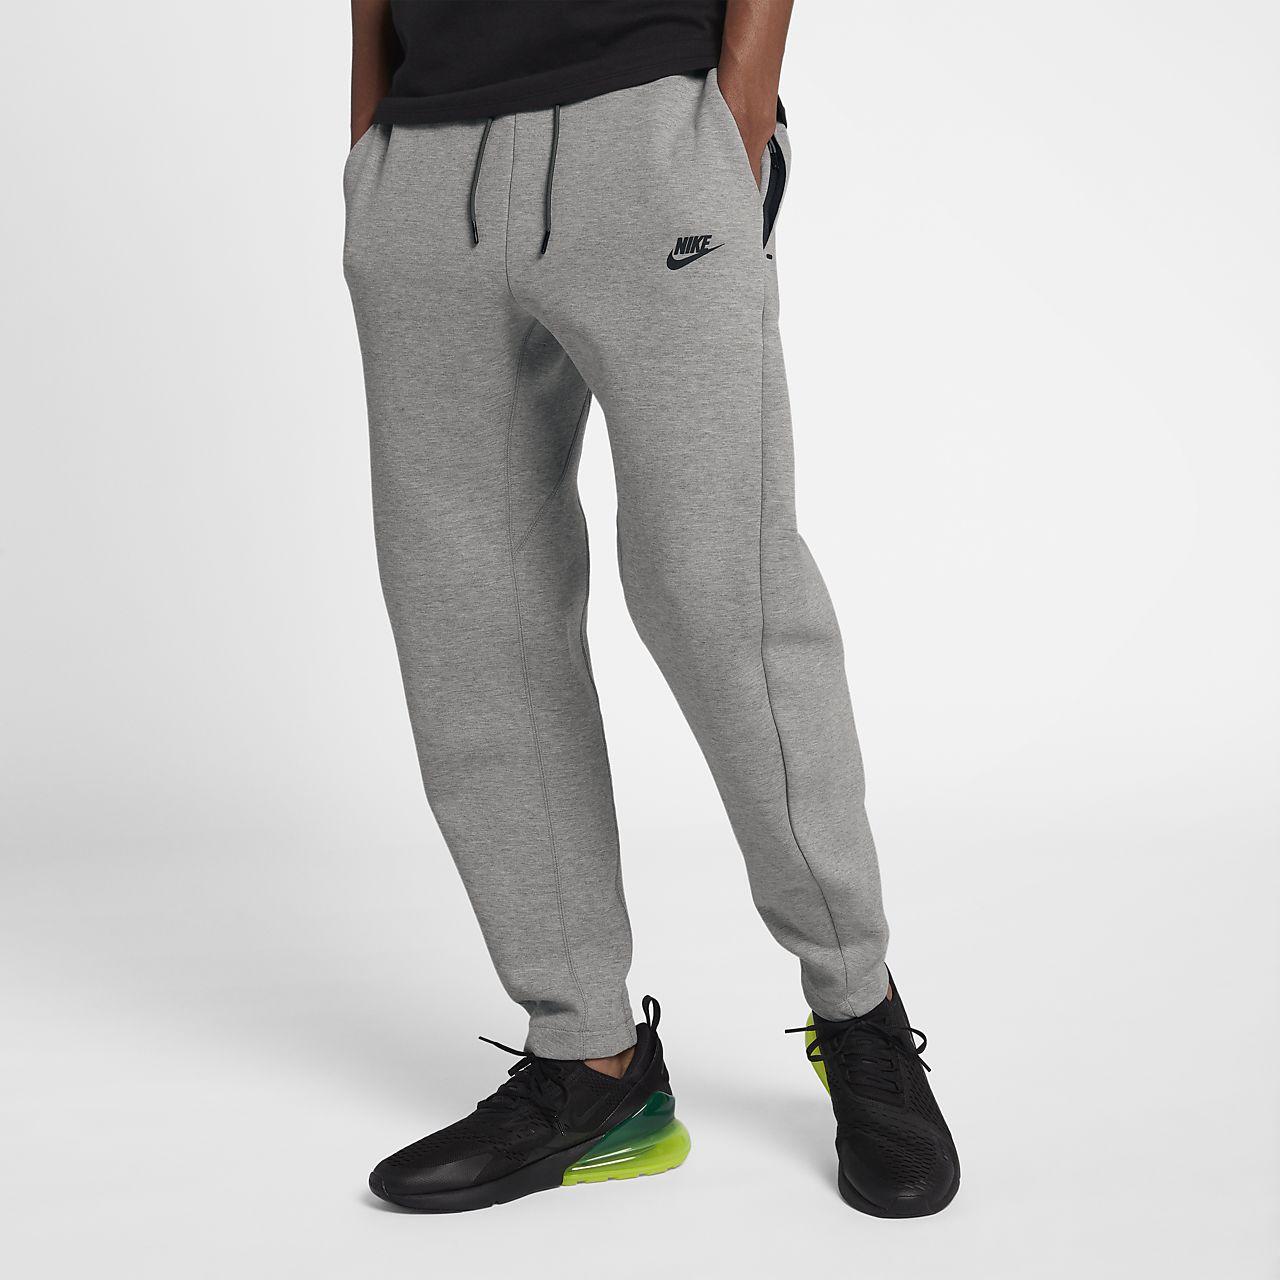 294b4a6d49 Nike Sportswear Tech Fleece Men's Trousers